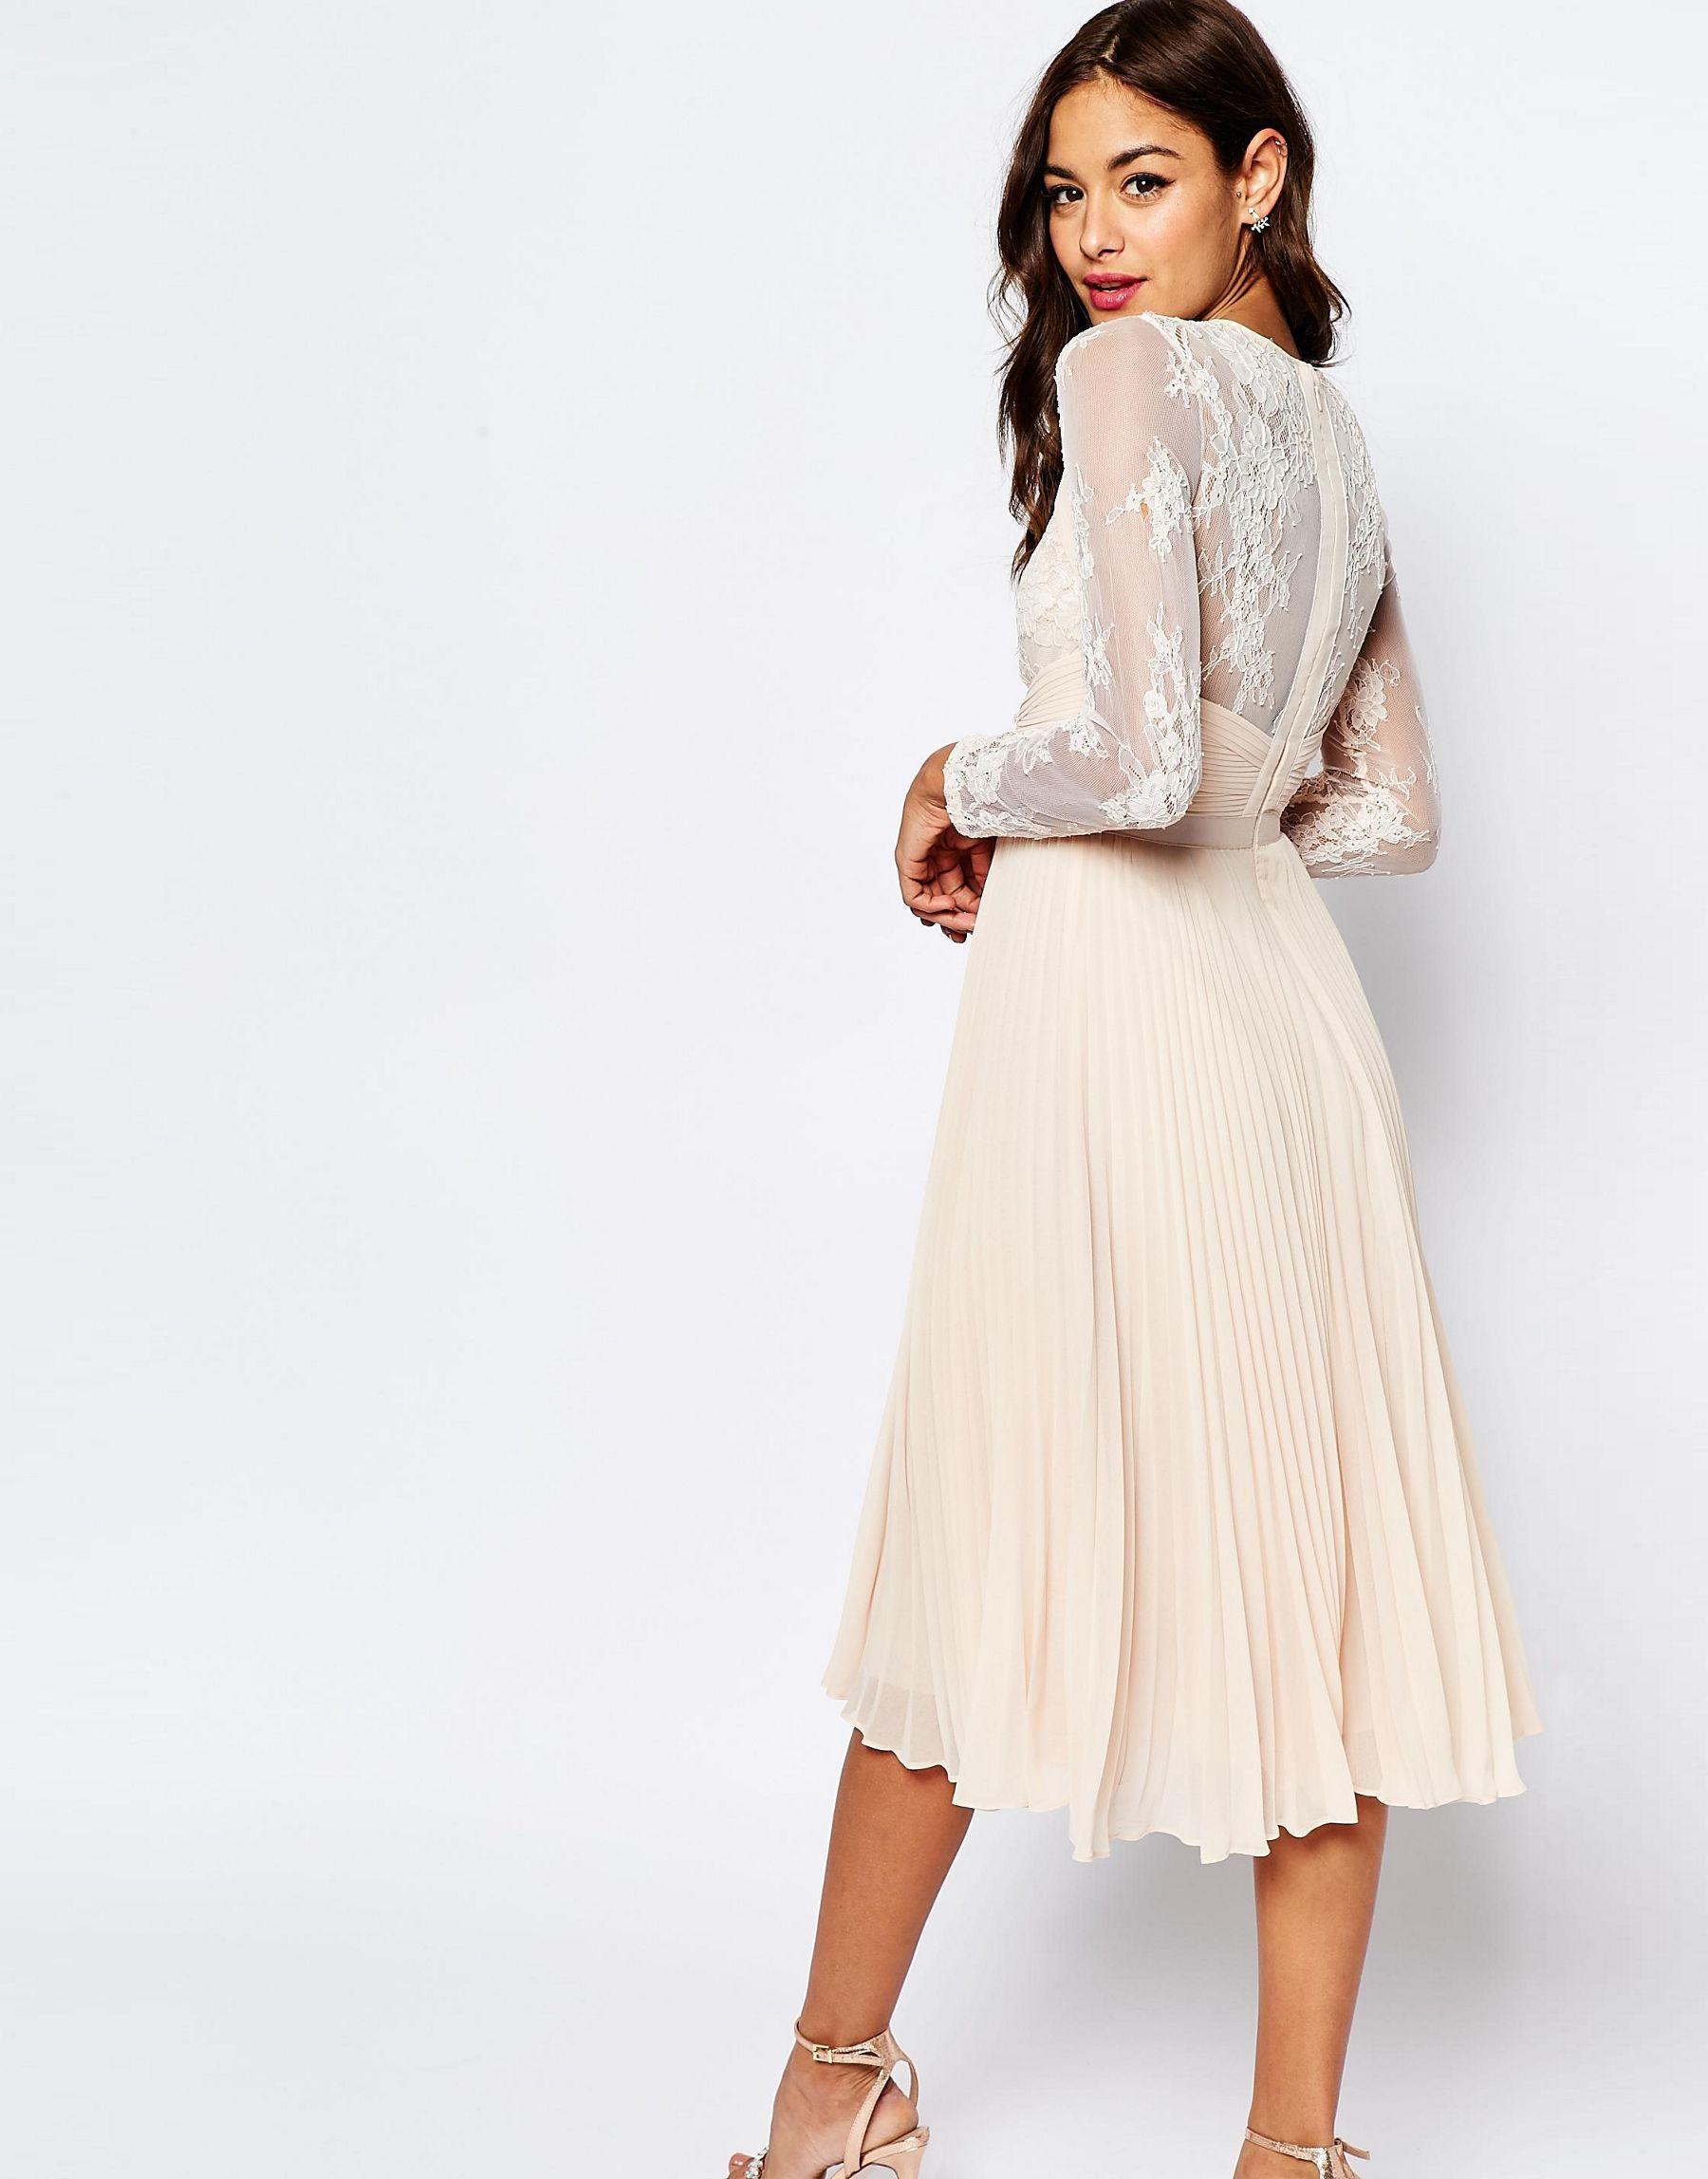 944124bbe94 Asos Petite Dresses For Wedding - Data Dynamic AG